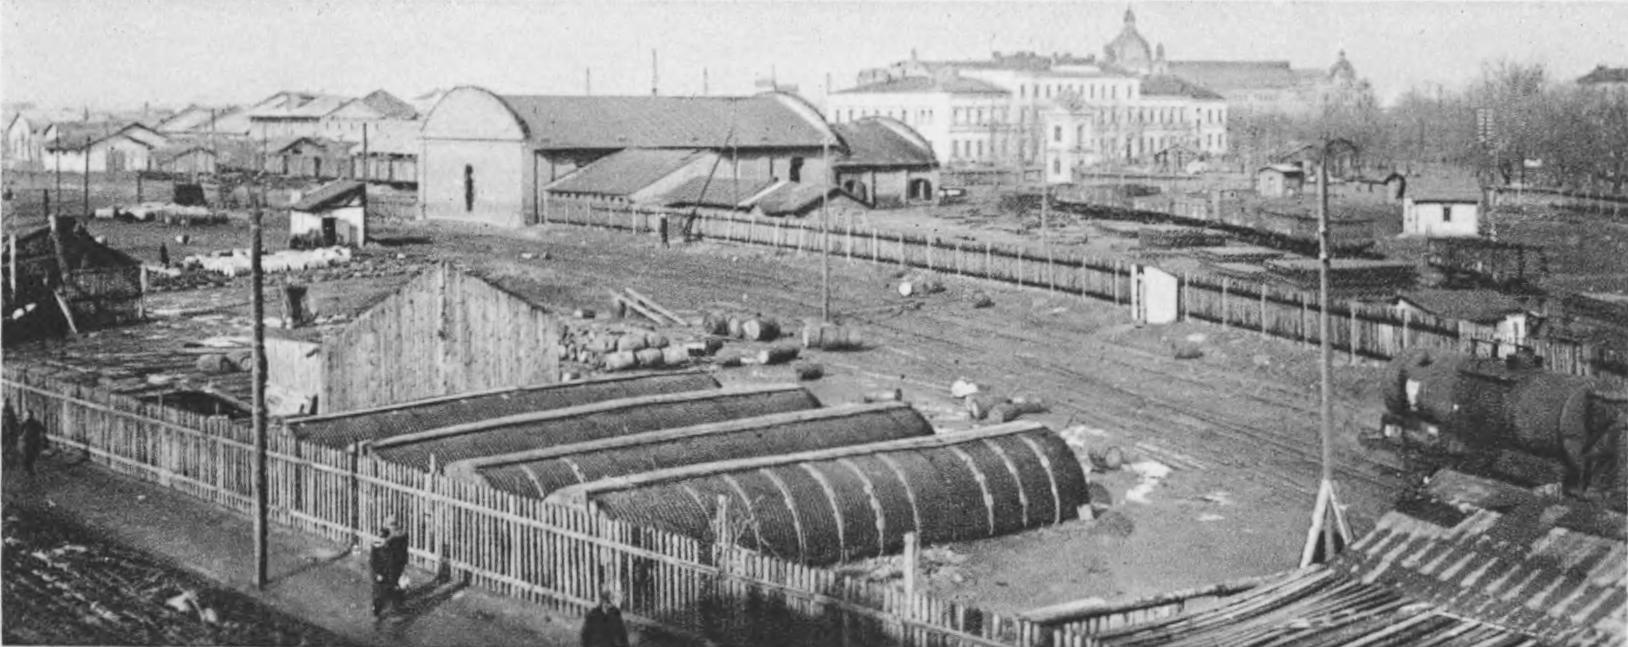 Stan dworca po wybuchu składów amunicji. Źródło: Semper Fidelis, 1930, tabl. 44